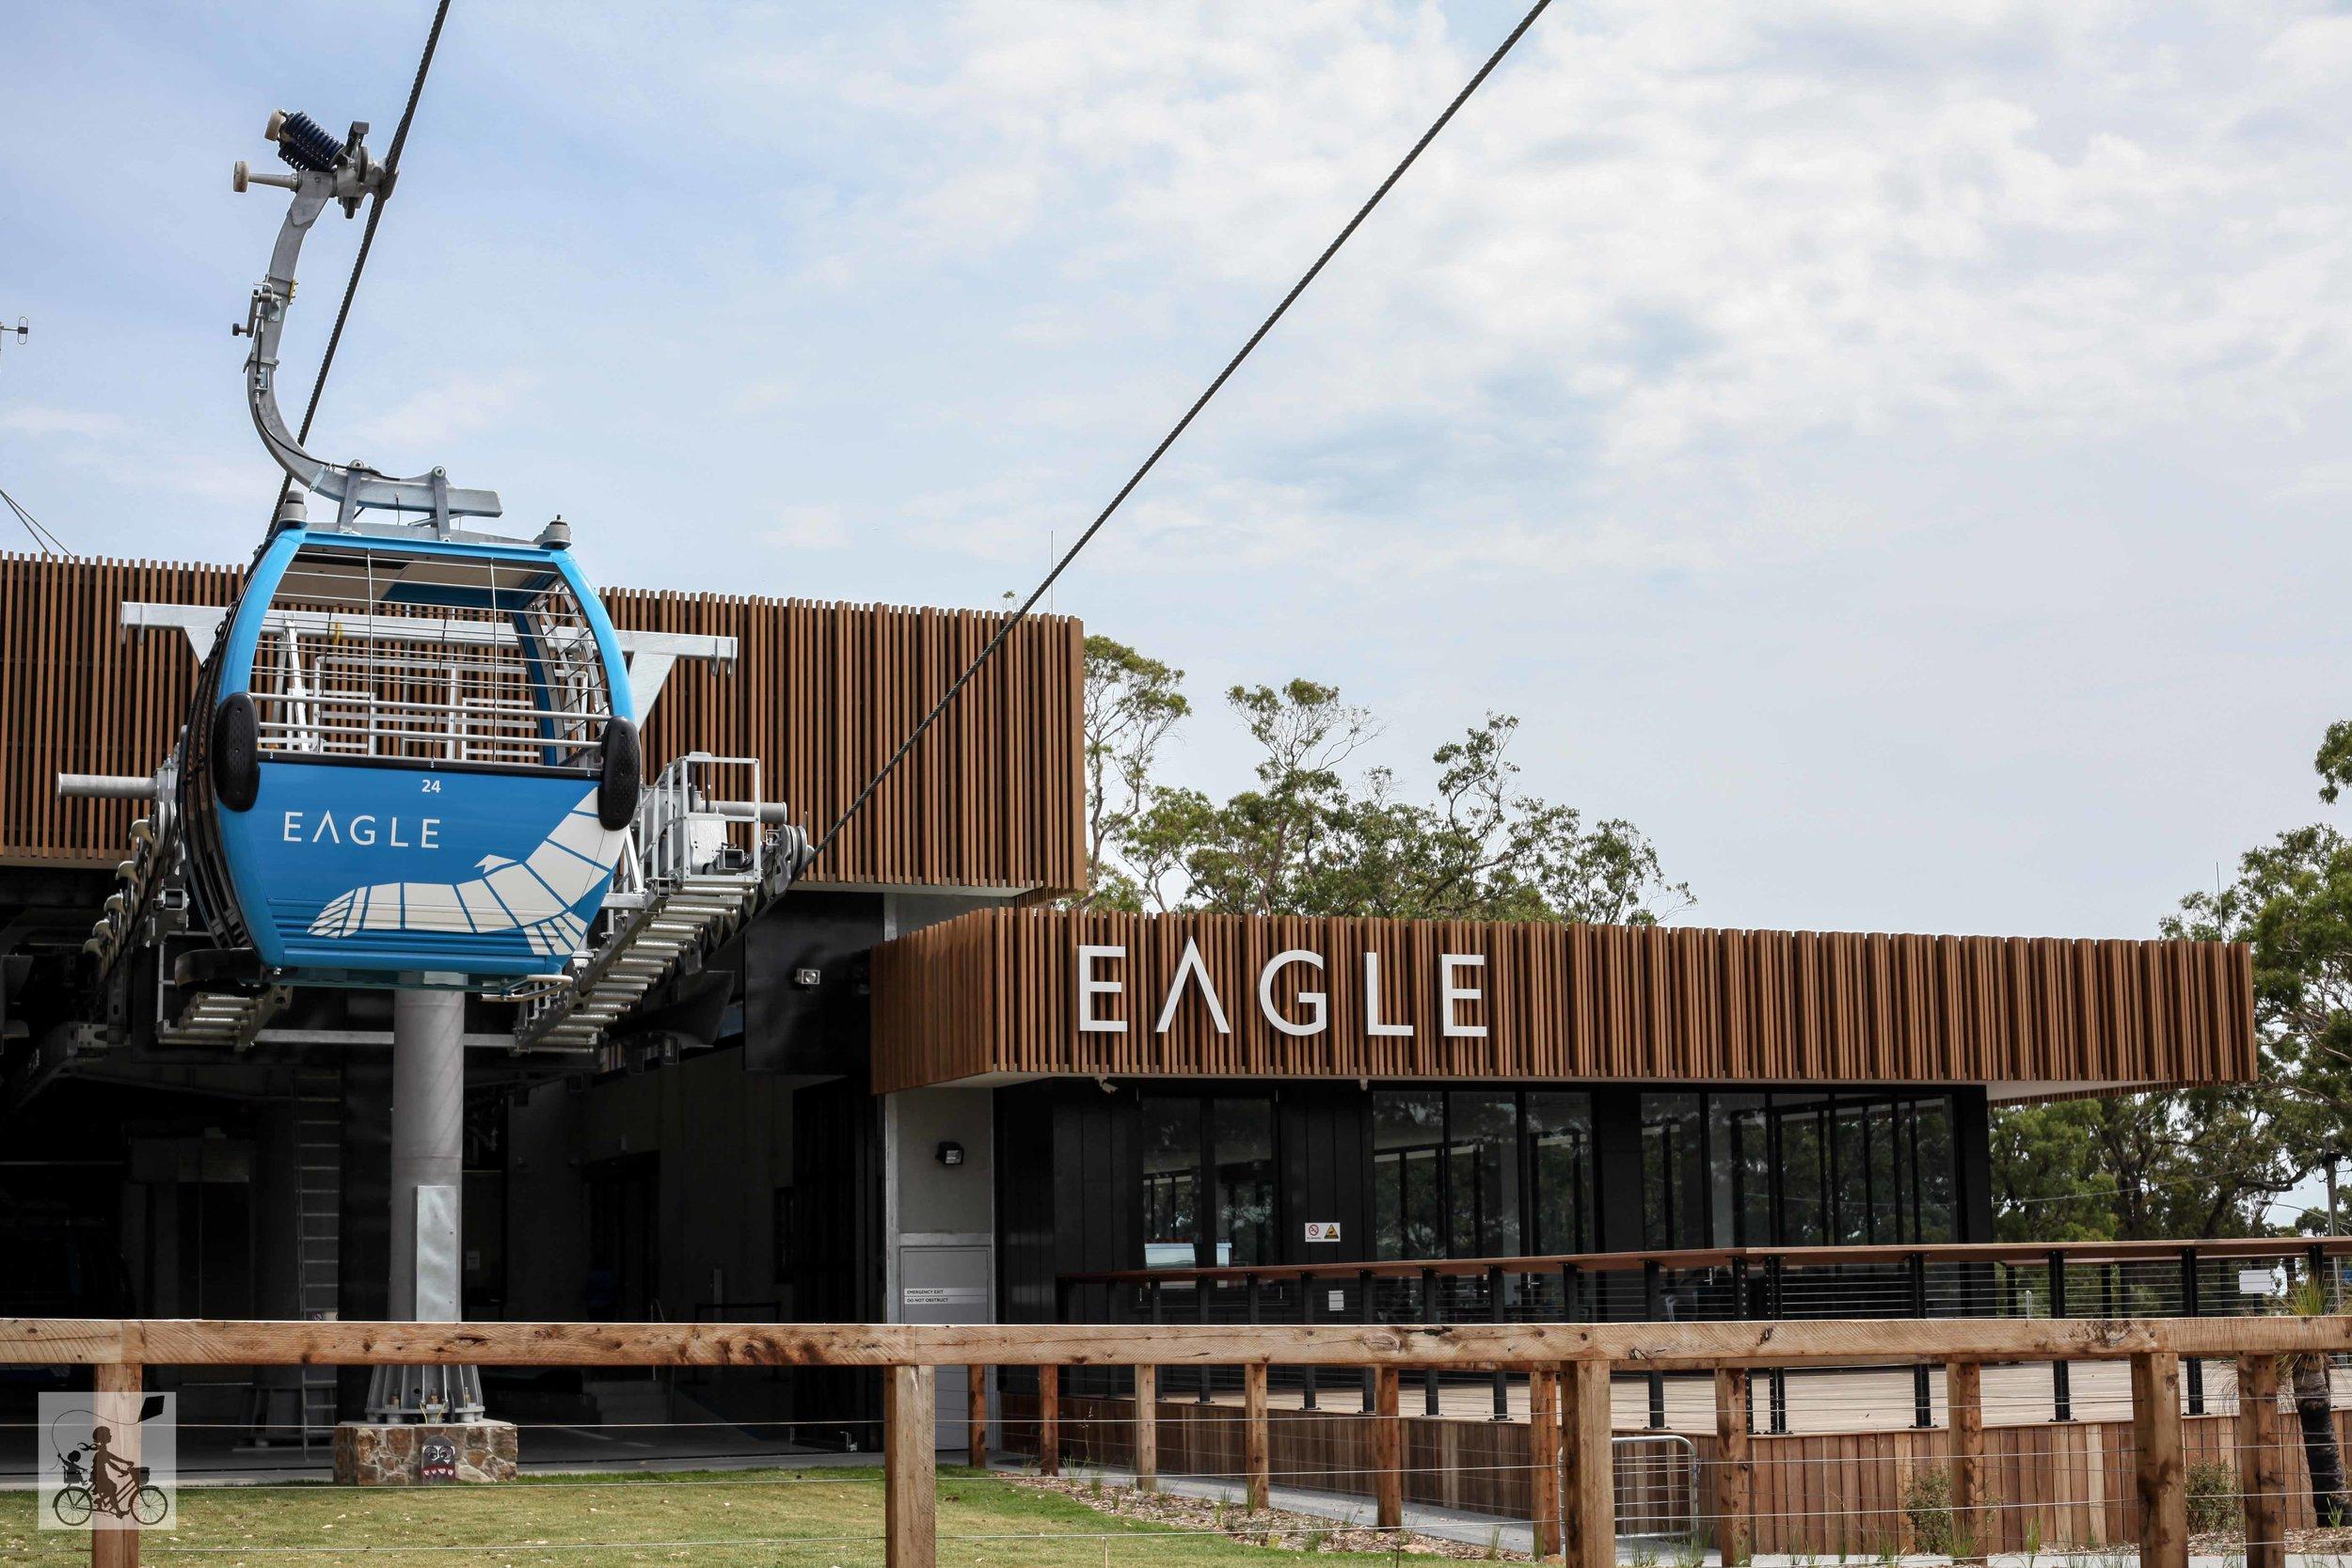 Mamma Knows East - Arthurs Seat Eagle Skylift